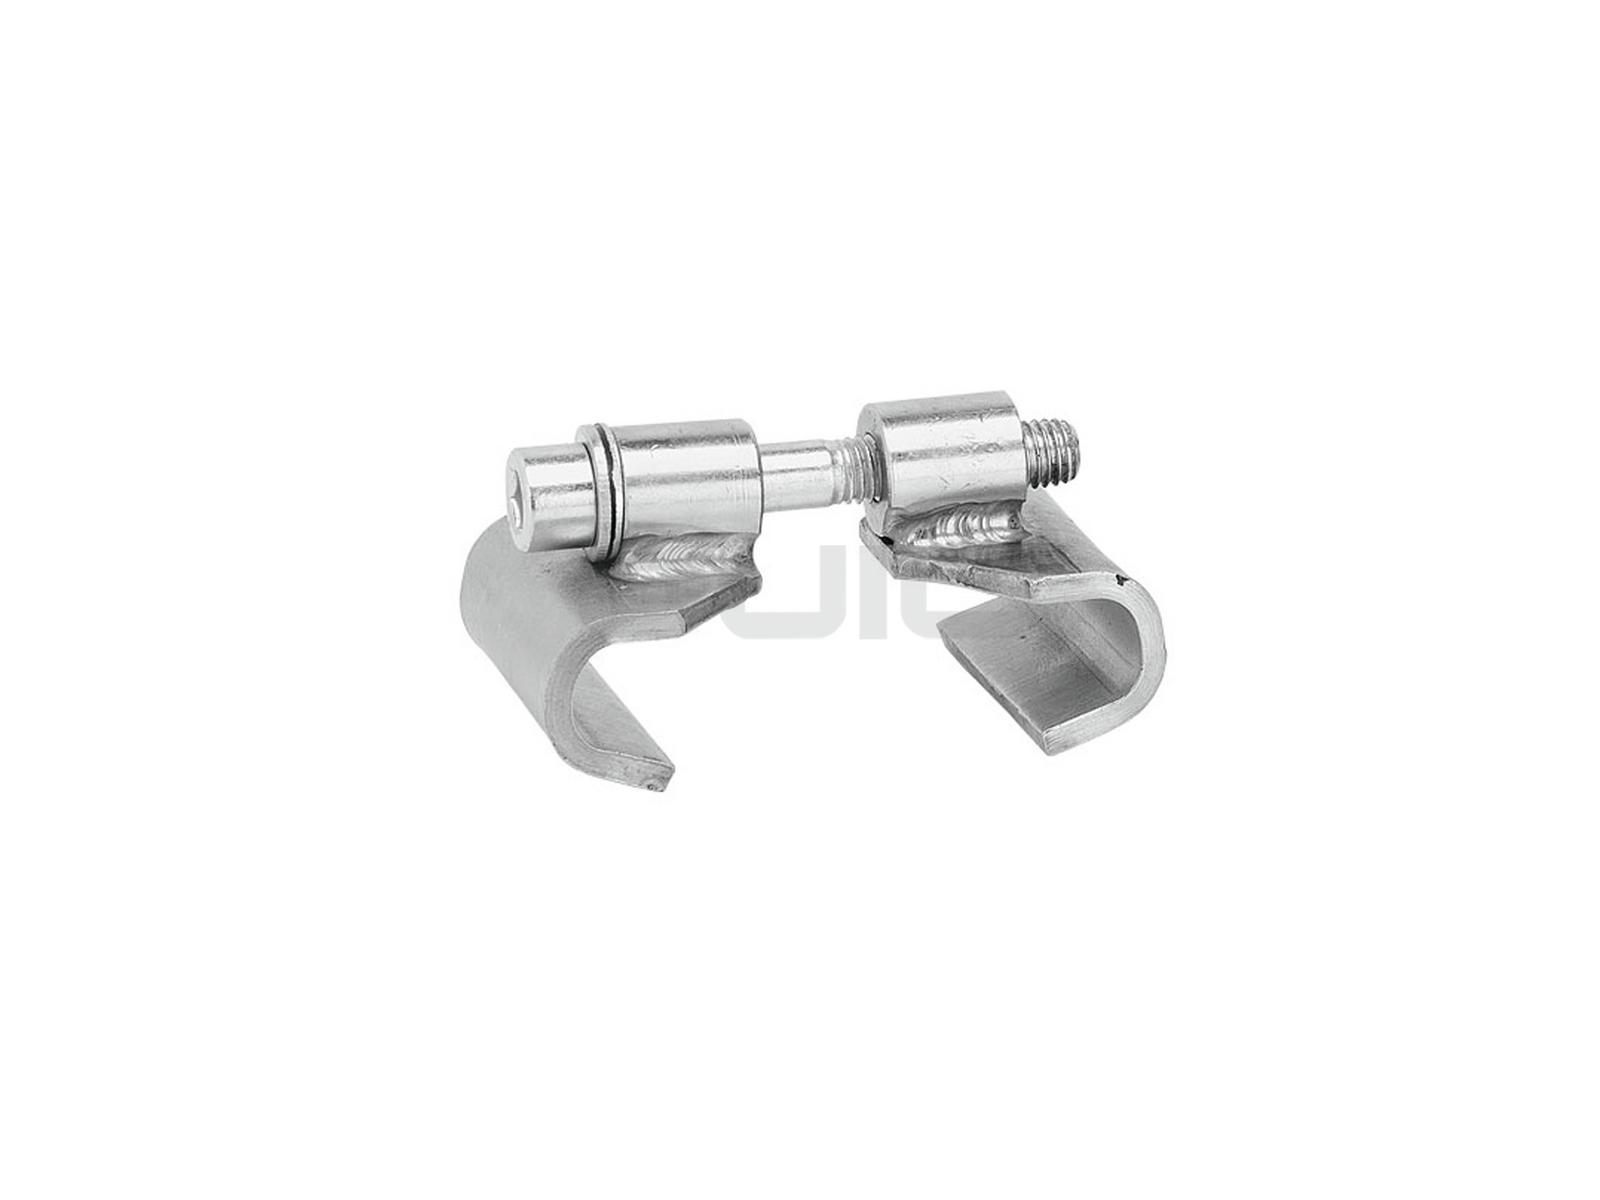 GUIL TMU-02/440 Morsetto connettore